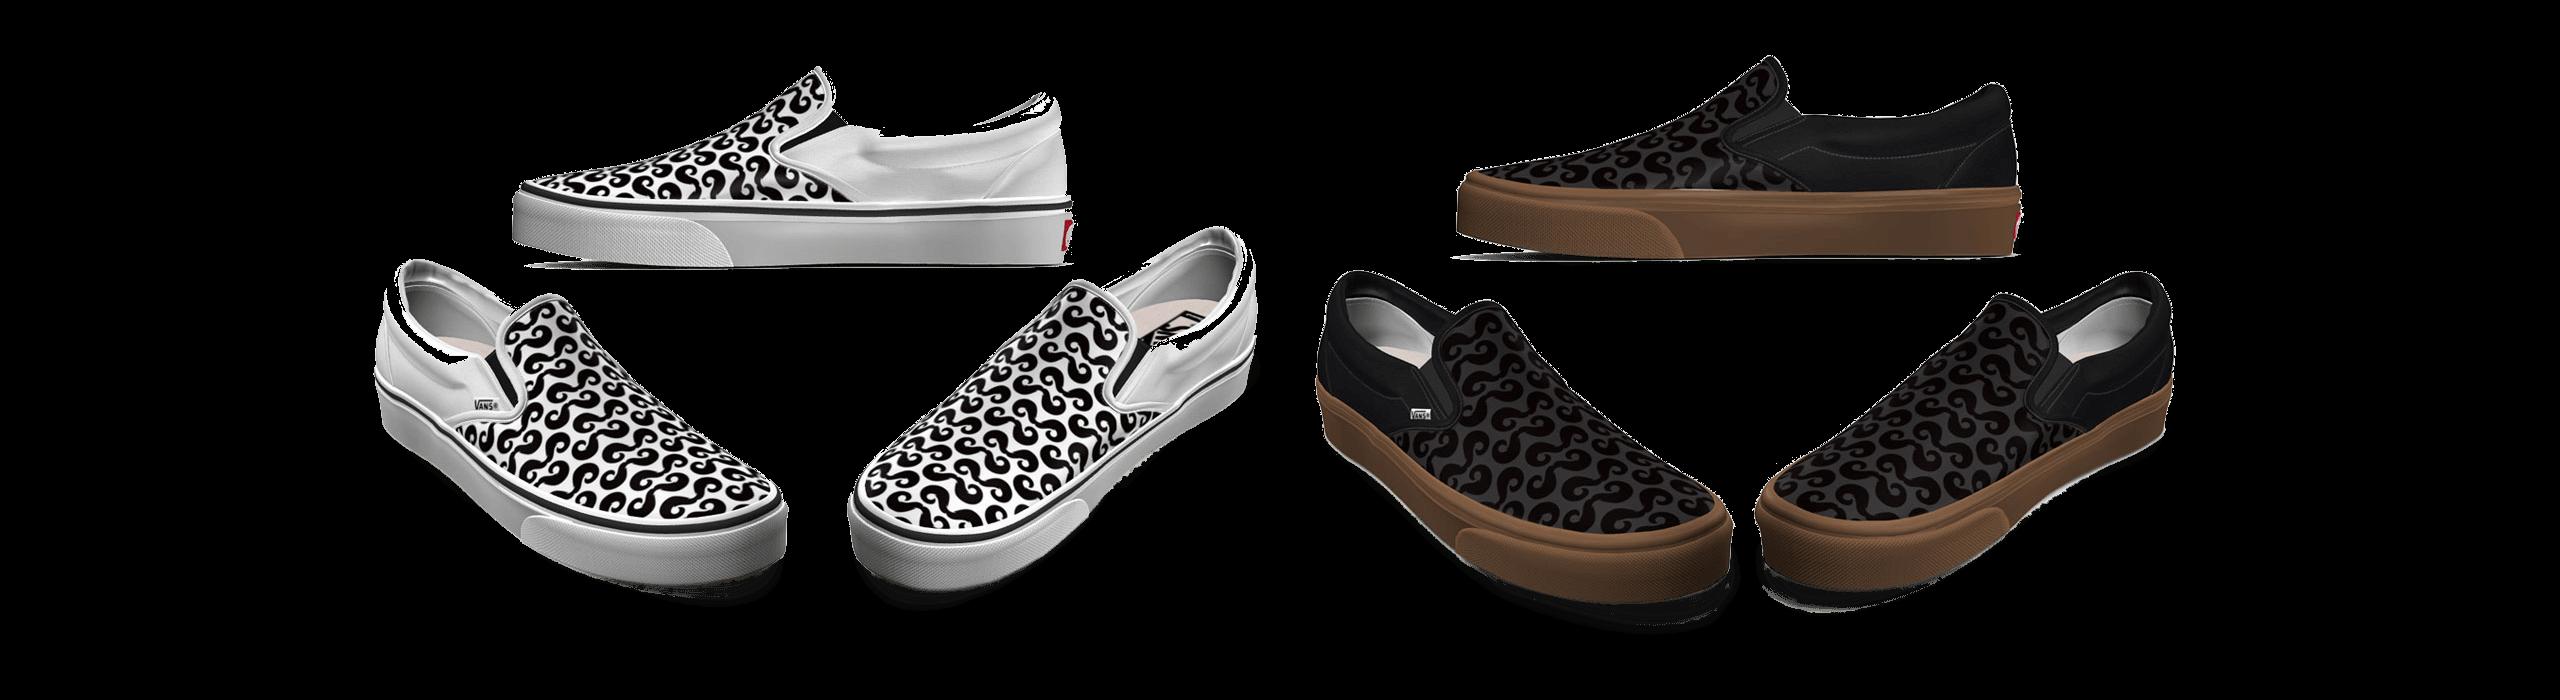 Gringos Locos shoes